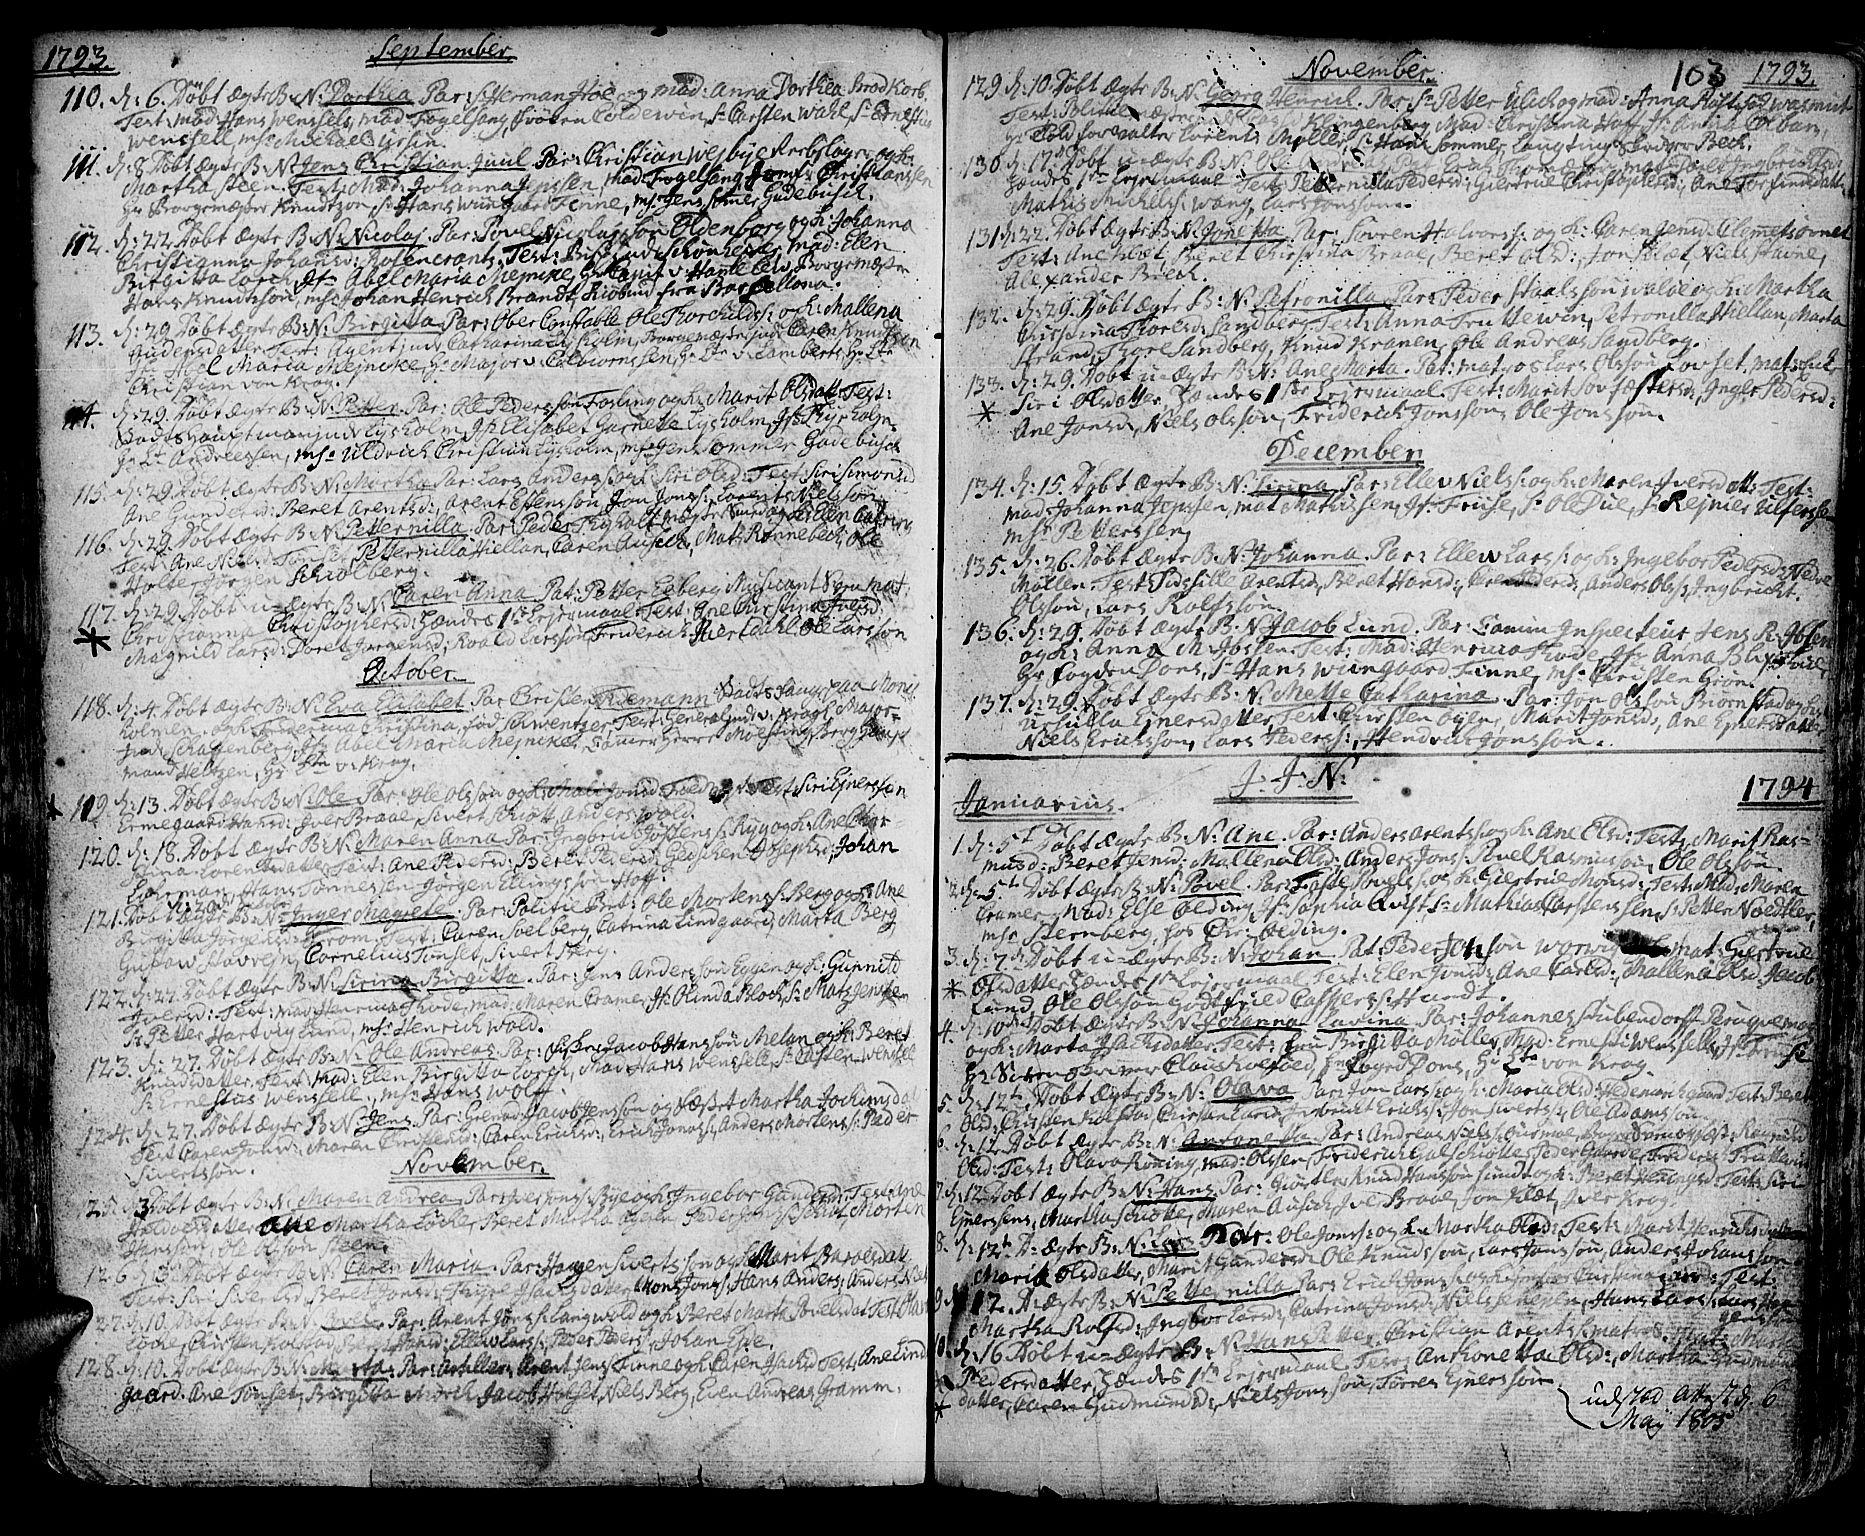 SAT, Ministerialprotokoller, klokkerbøker og fødselsregistre - Sør-Trøndelag, 601/L0039: Ministerialbok nr. 601A07, 1770-1819, s. 103